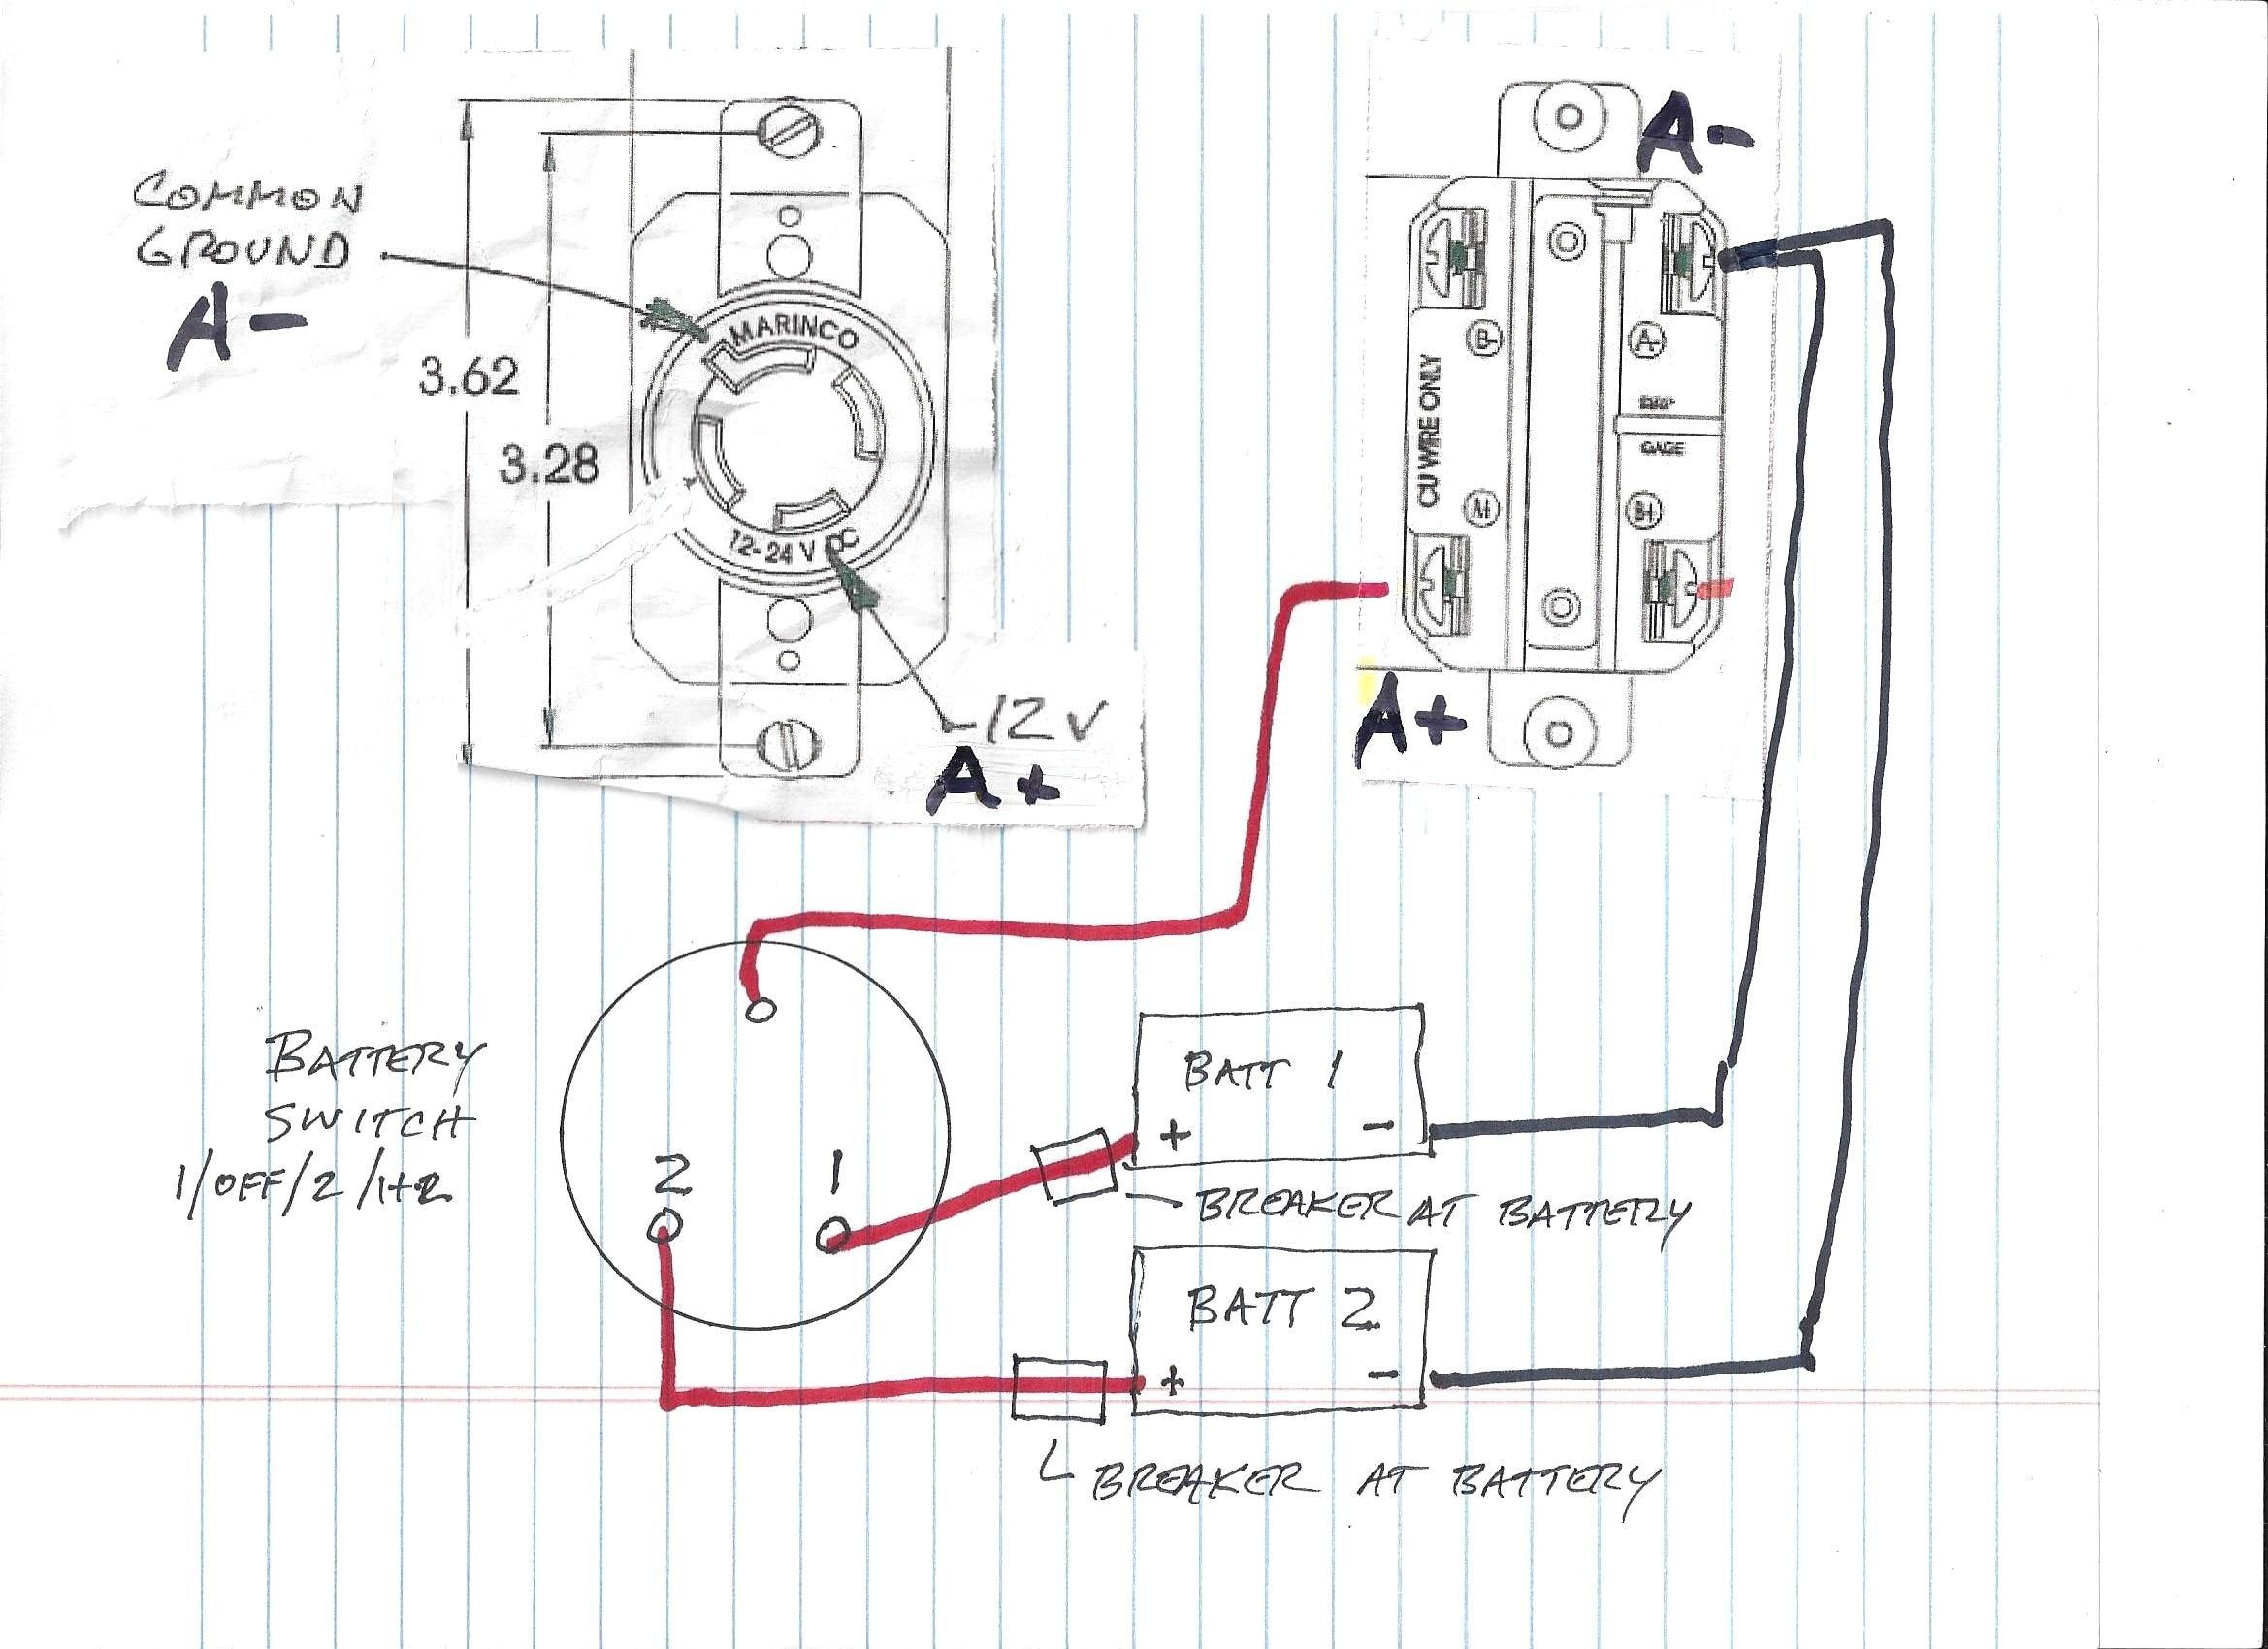 Navigator Trolling Motor Wiring Diagram | Wiring Diagram - 4 Prong Trolling Motor Plug Wiring Diagram